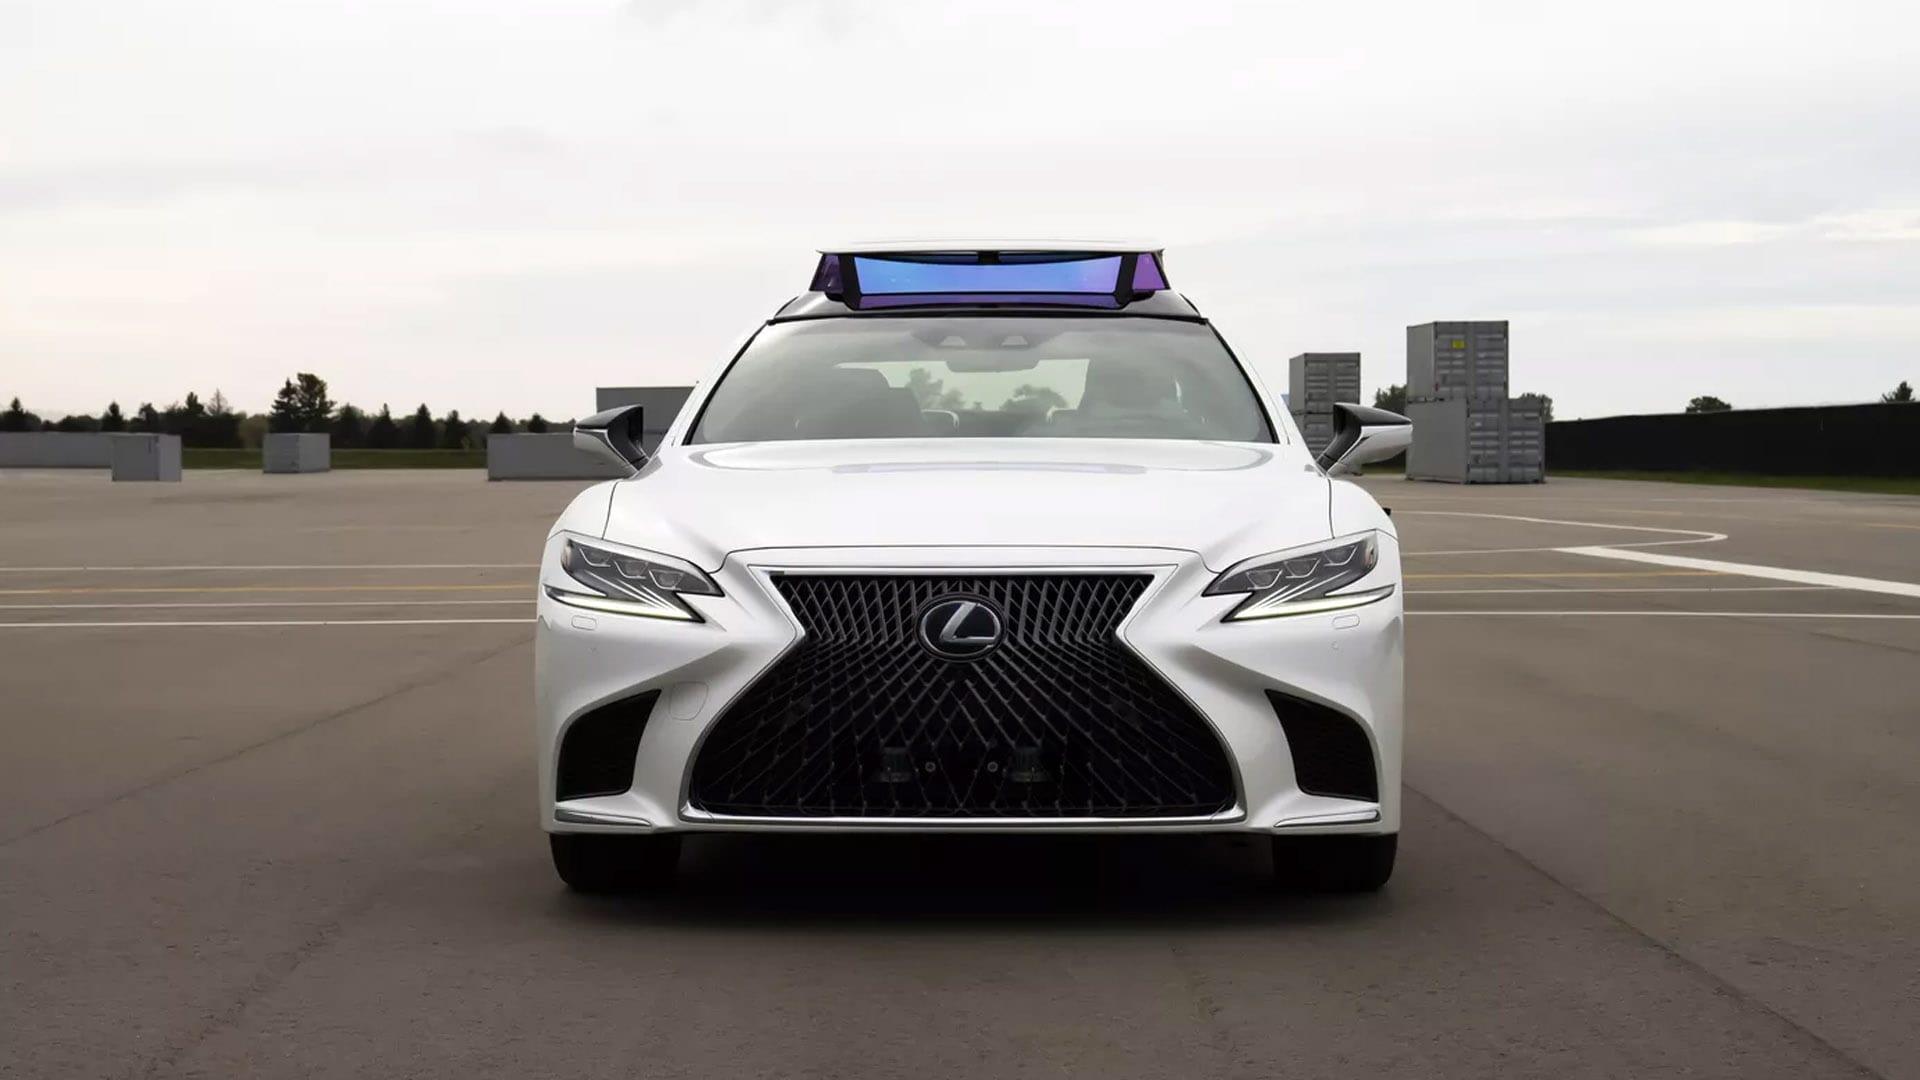 شركة Toyota تعلن عن توفير سيارات آلية خلال دورة الألعاب الأولمبية الصيفية للعام القادم 2020 في طوكيو